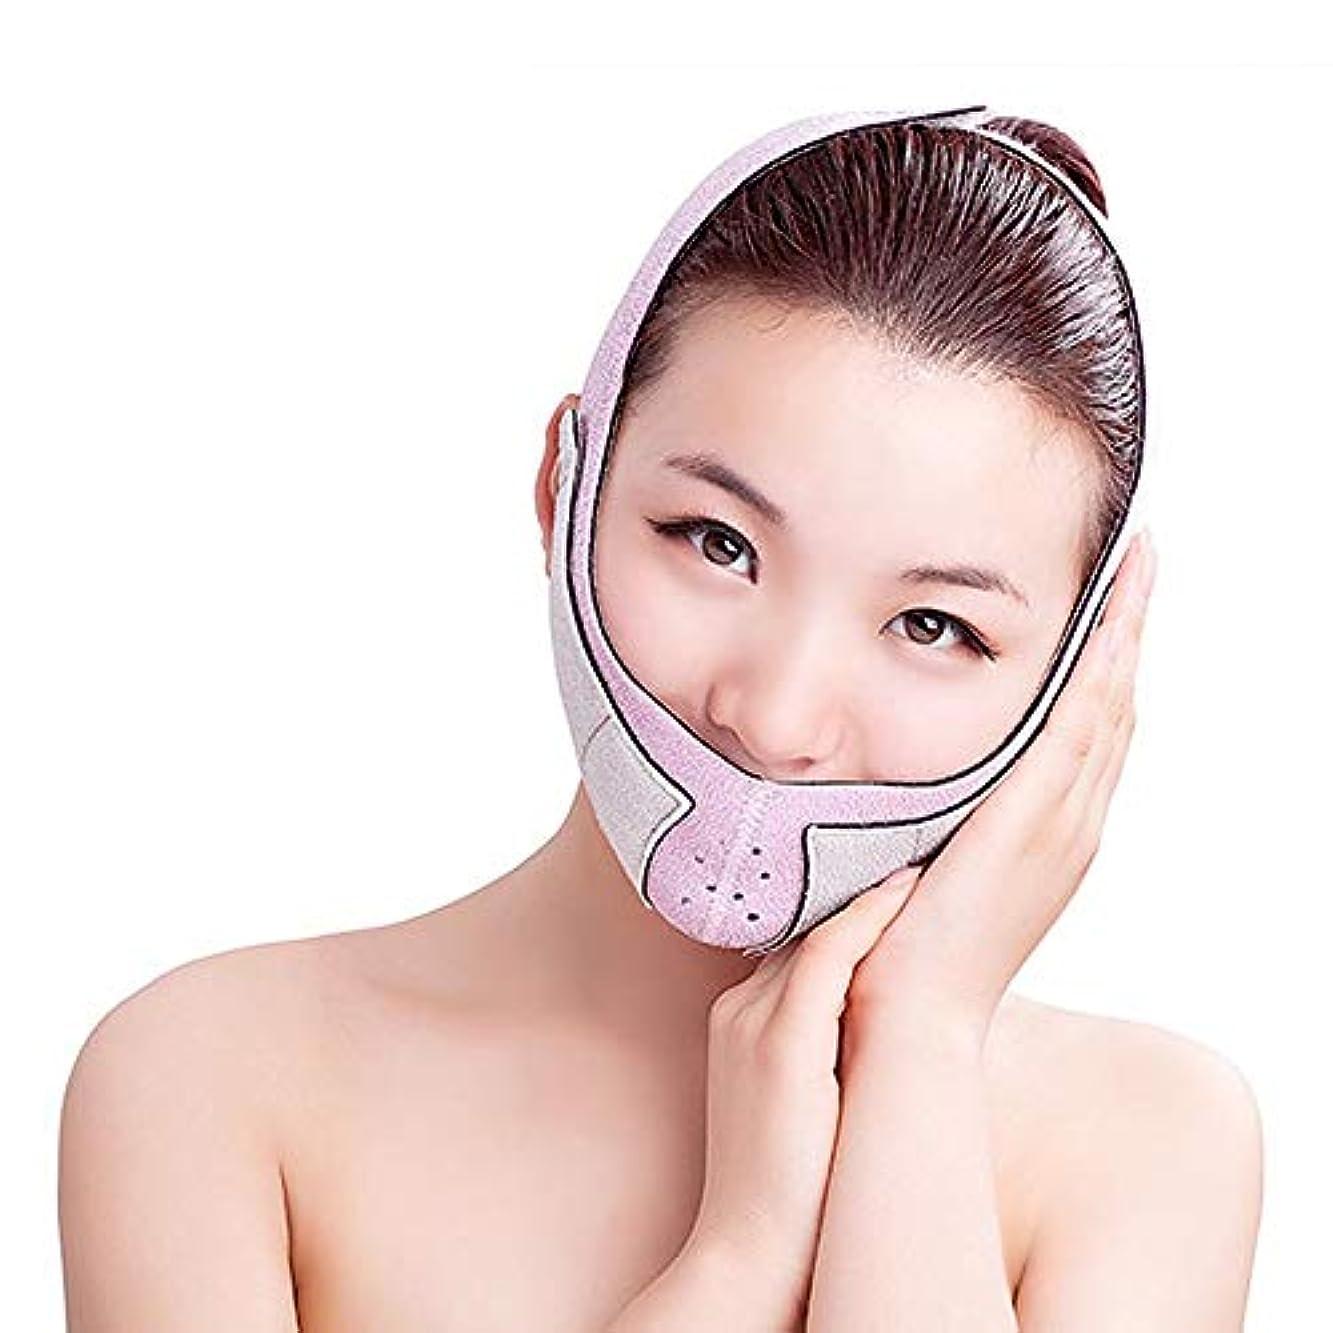 口ひげ若者有益Minmin フェイシャルリフティングスリミングベルト - 薄いフェイスバンデージフェイスマスクベルトフリーフェイシャルマッサージシェイピングマスクは顔と首を締めます みんみんVラインフェイスマスク (Color : Pink)